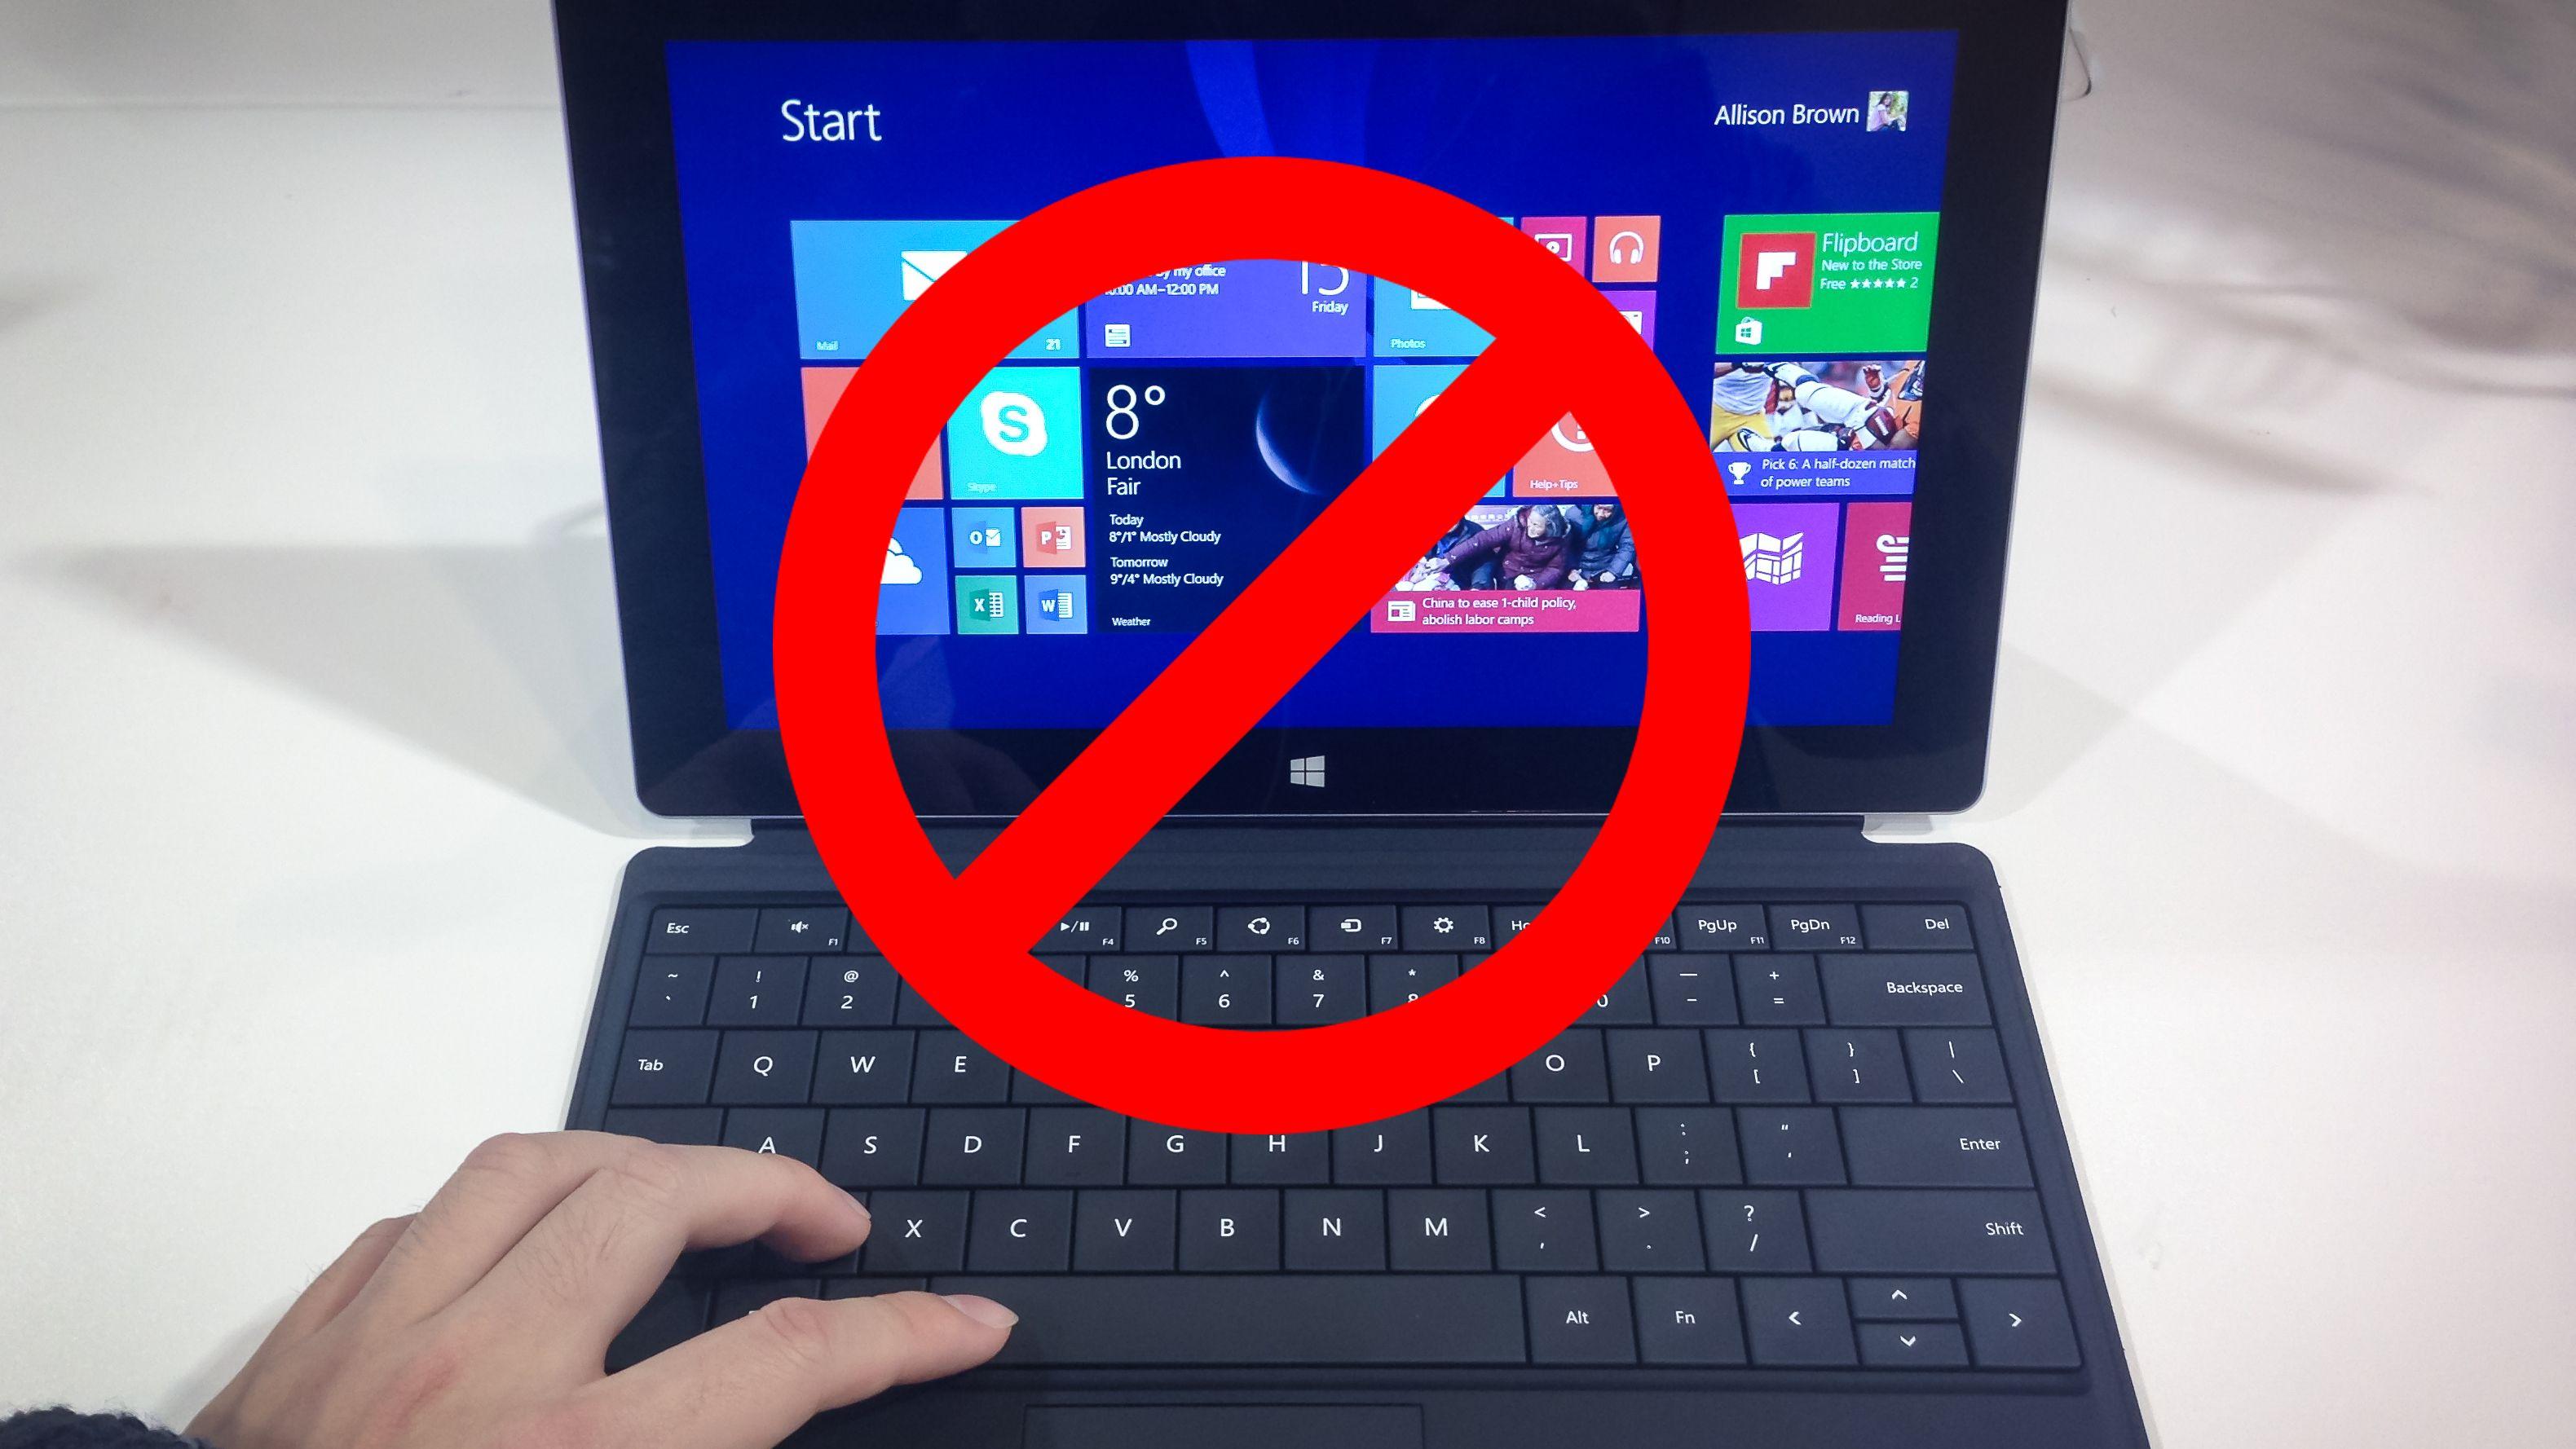 Bannlyser Windows 8 fra statens egne PC-er